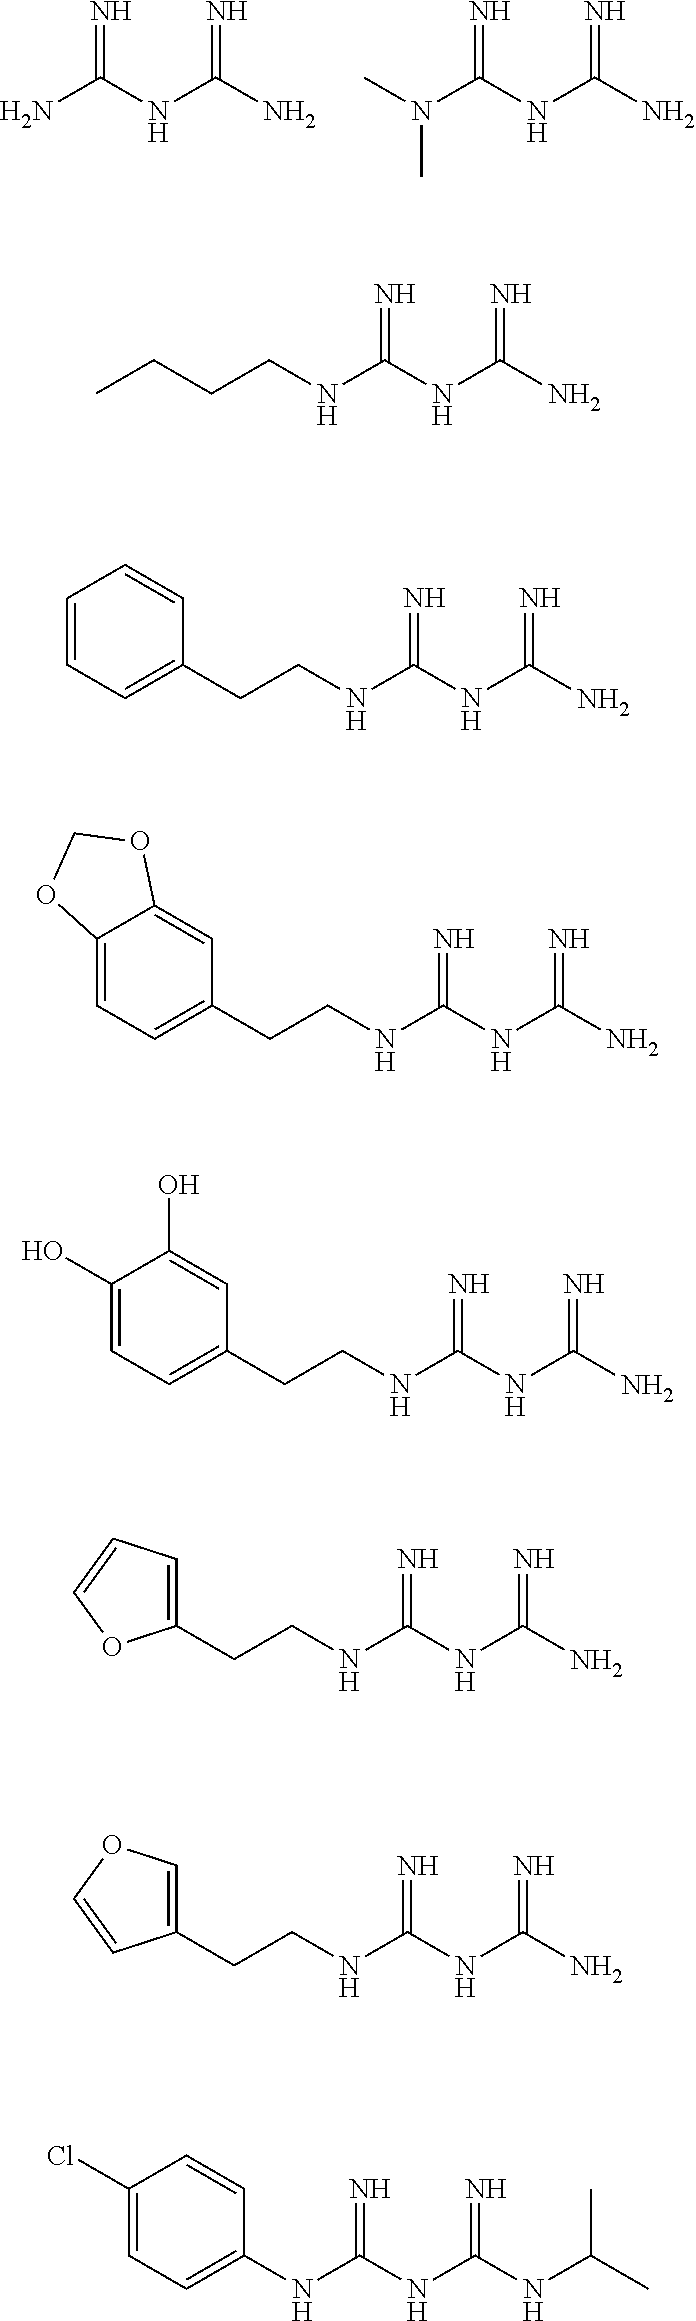 Figure US09572784-20170221-C00002